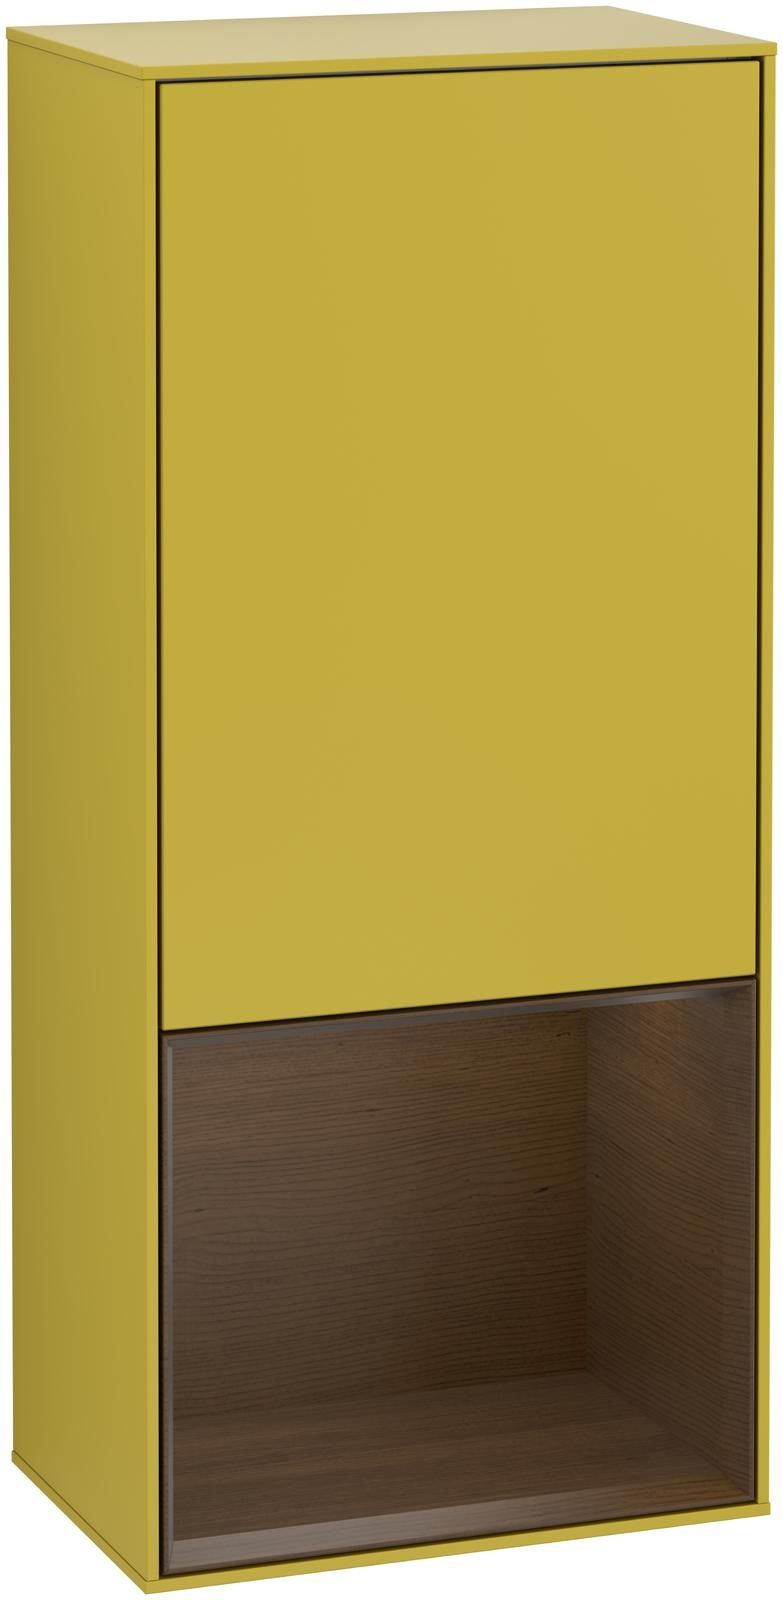 Villeroy & Boch Finion F55 Seitenschrank mit Regalelement 1 Tür Anschlag rechts LED-Beleuchtung B:41,8xH:93,6xT:27cm Front, Korpus: Sun, Regal: Walnut Veneer F550GNHE